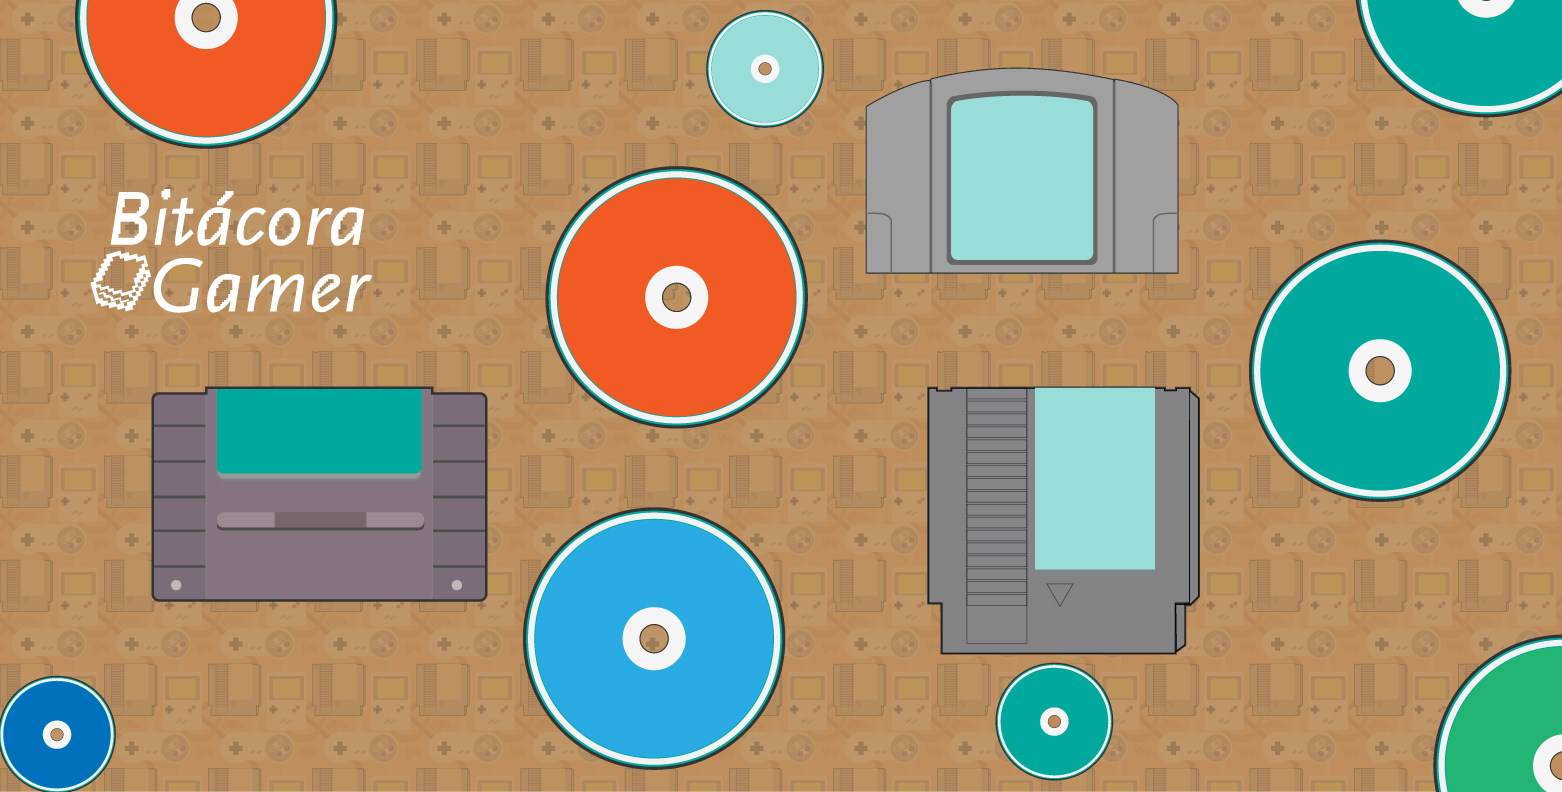 Cartuchos Discos Juegos Recuerdos